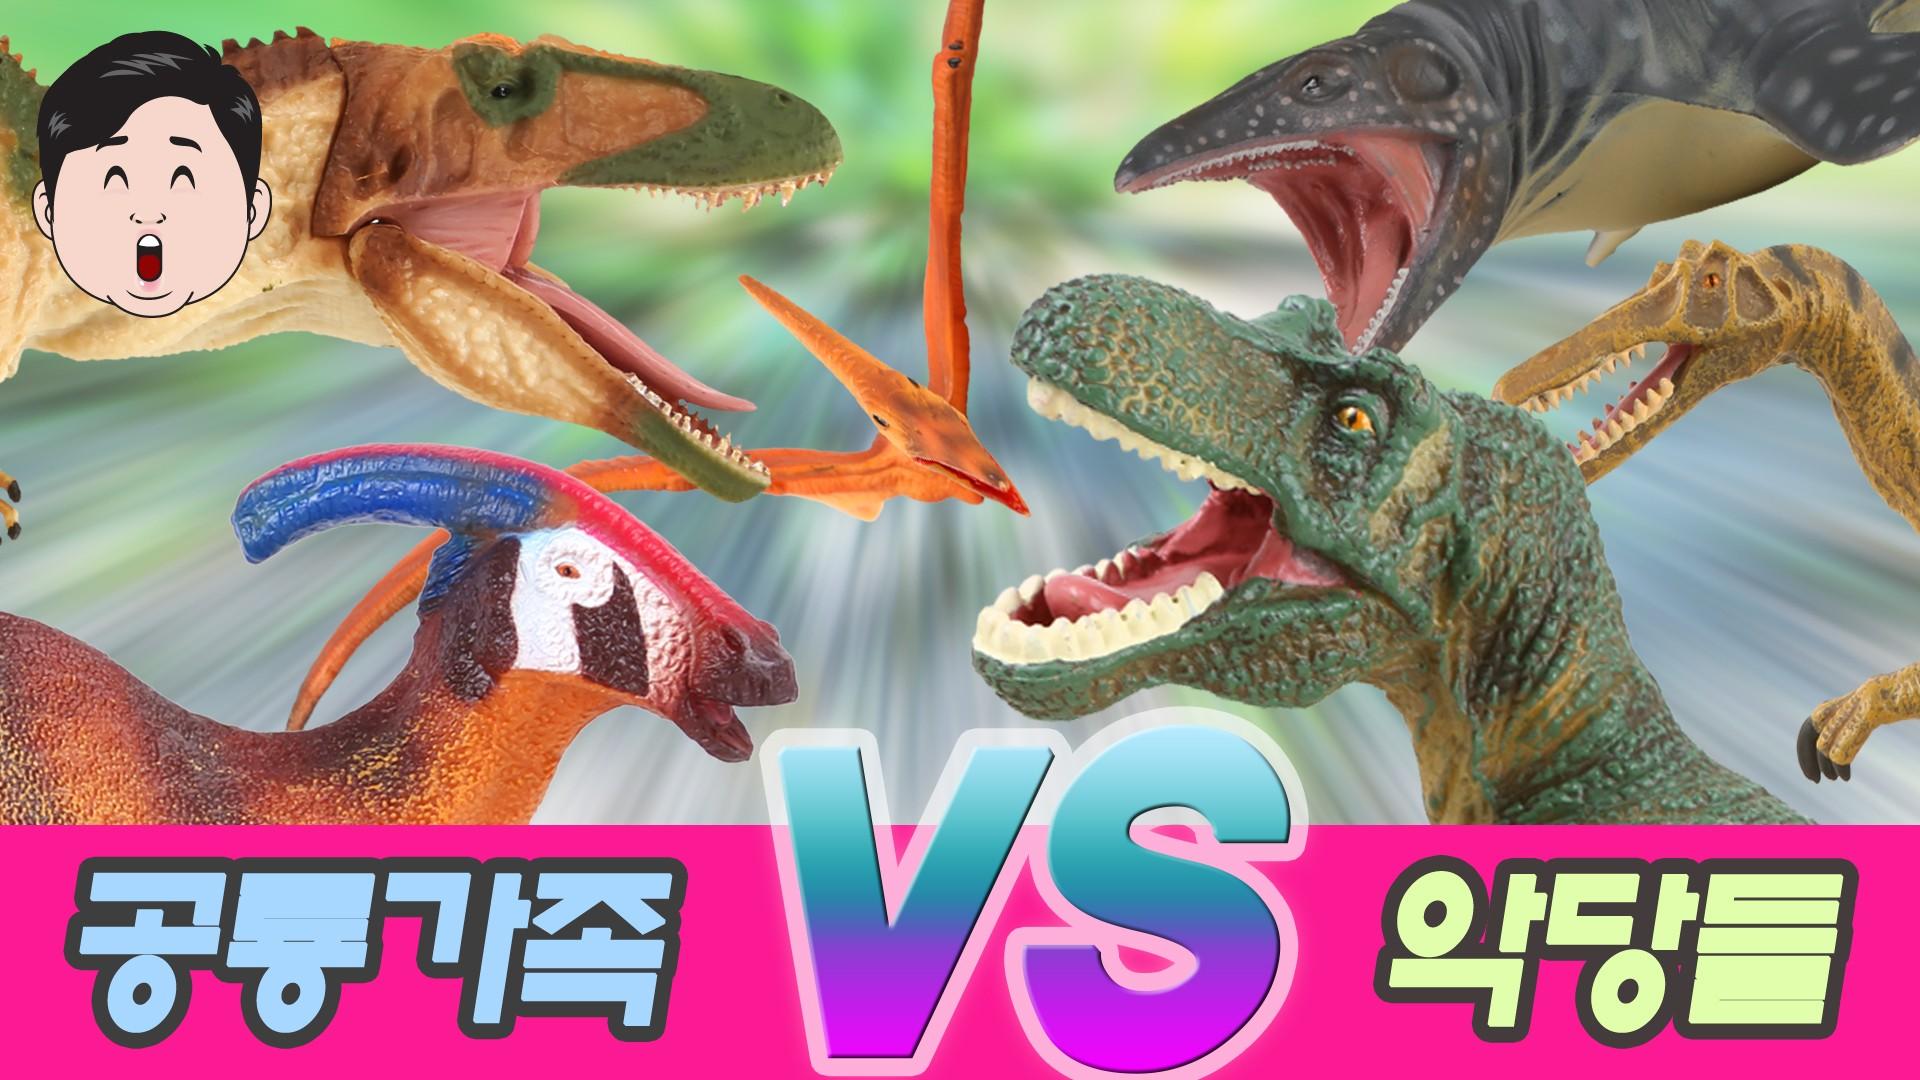 공룡가족 풀버전 1~5화, 엄마 아빠!  우리가 지켜줄게요! 어린이를 위한 공룡싸움 (꼬꼬스토이) 컬렉타 피규어